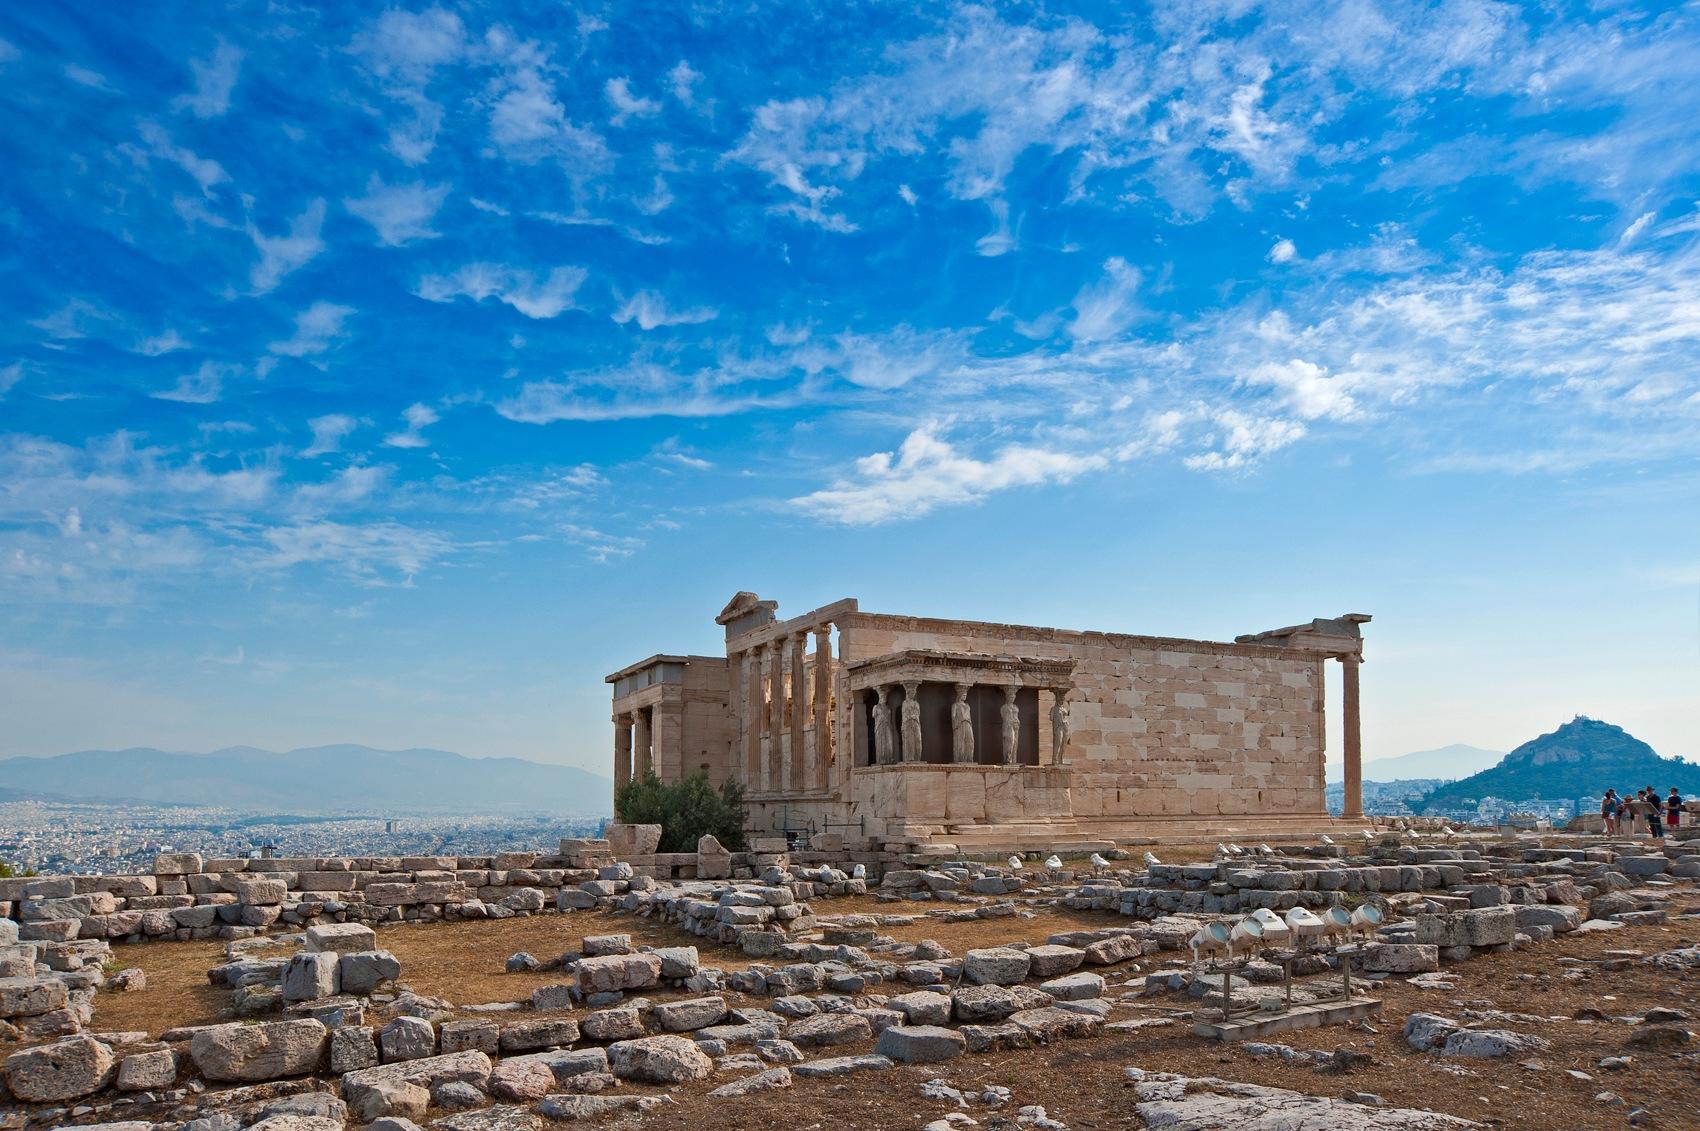 Erechtheum in Acropolis of Athens by Konstantinos Arvanitopoulos